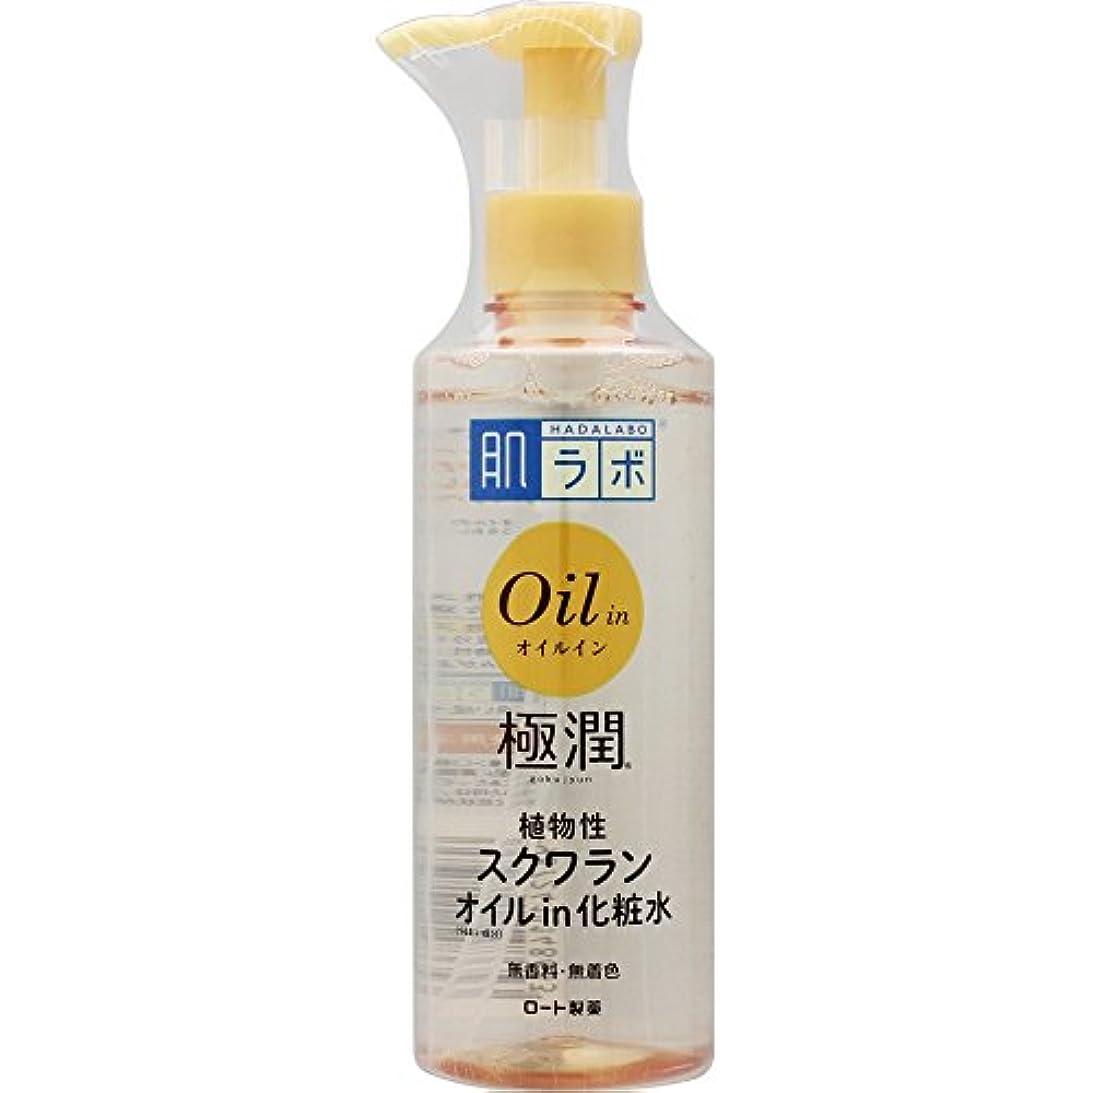 厳しい結晶反逆肌ラボ 極潤オイルイン化粧水 植物性スクワランオイル配合 220ml